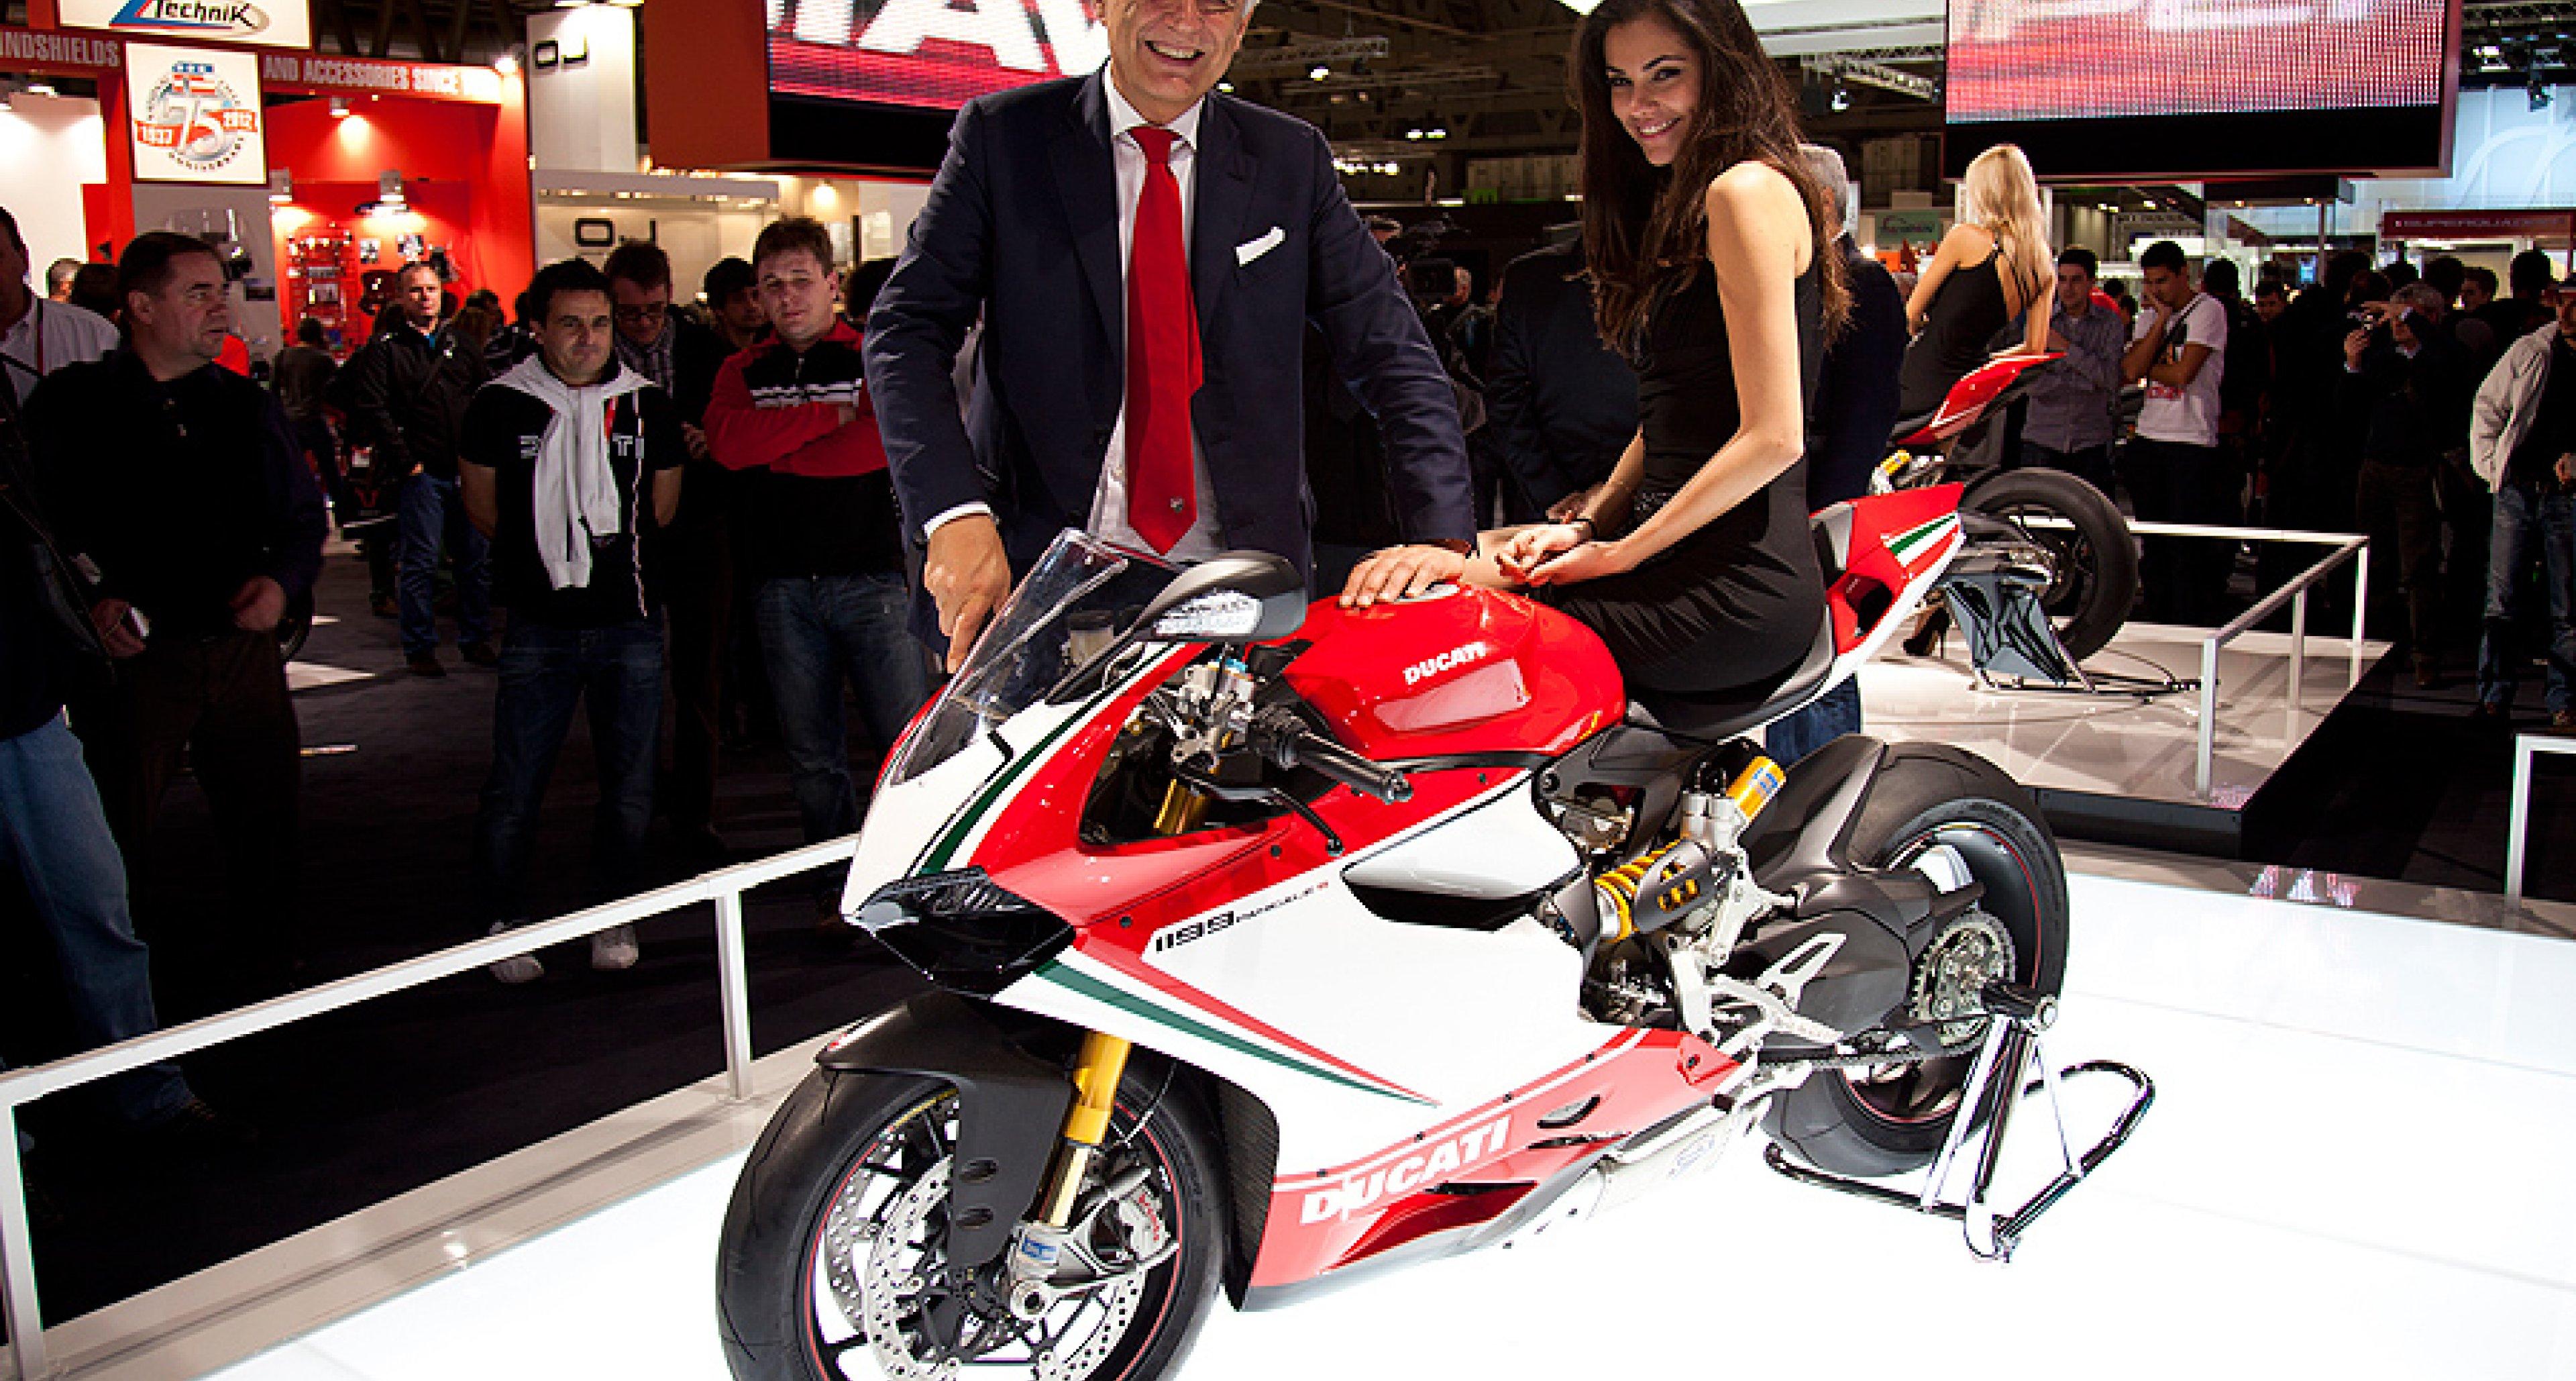 Five questions to Gabriele del Torchio, CEO of Ducati